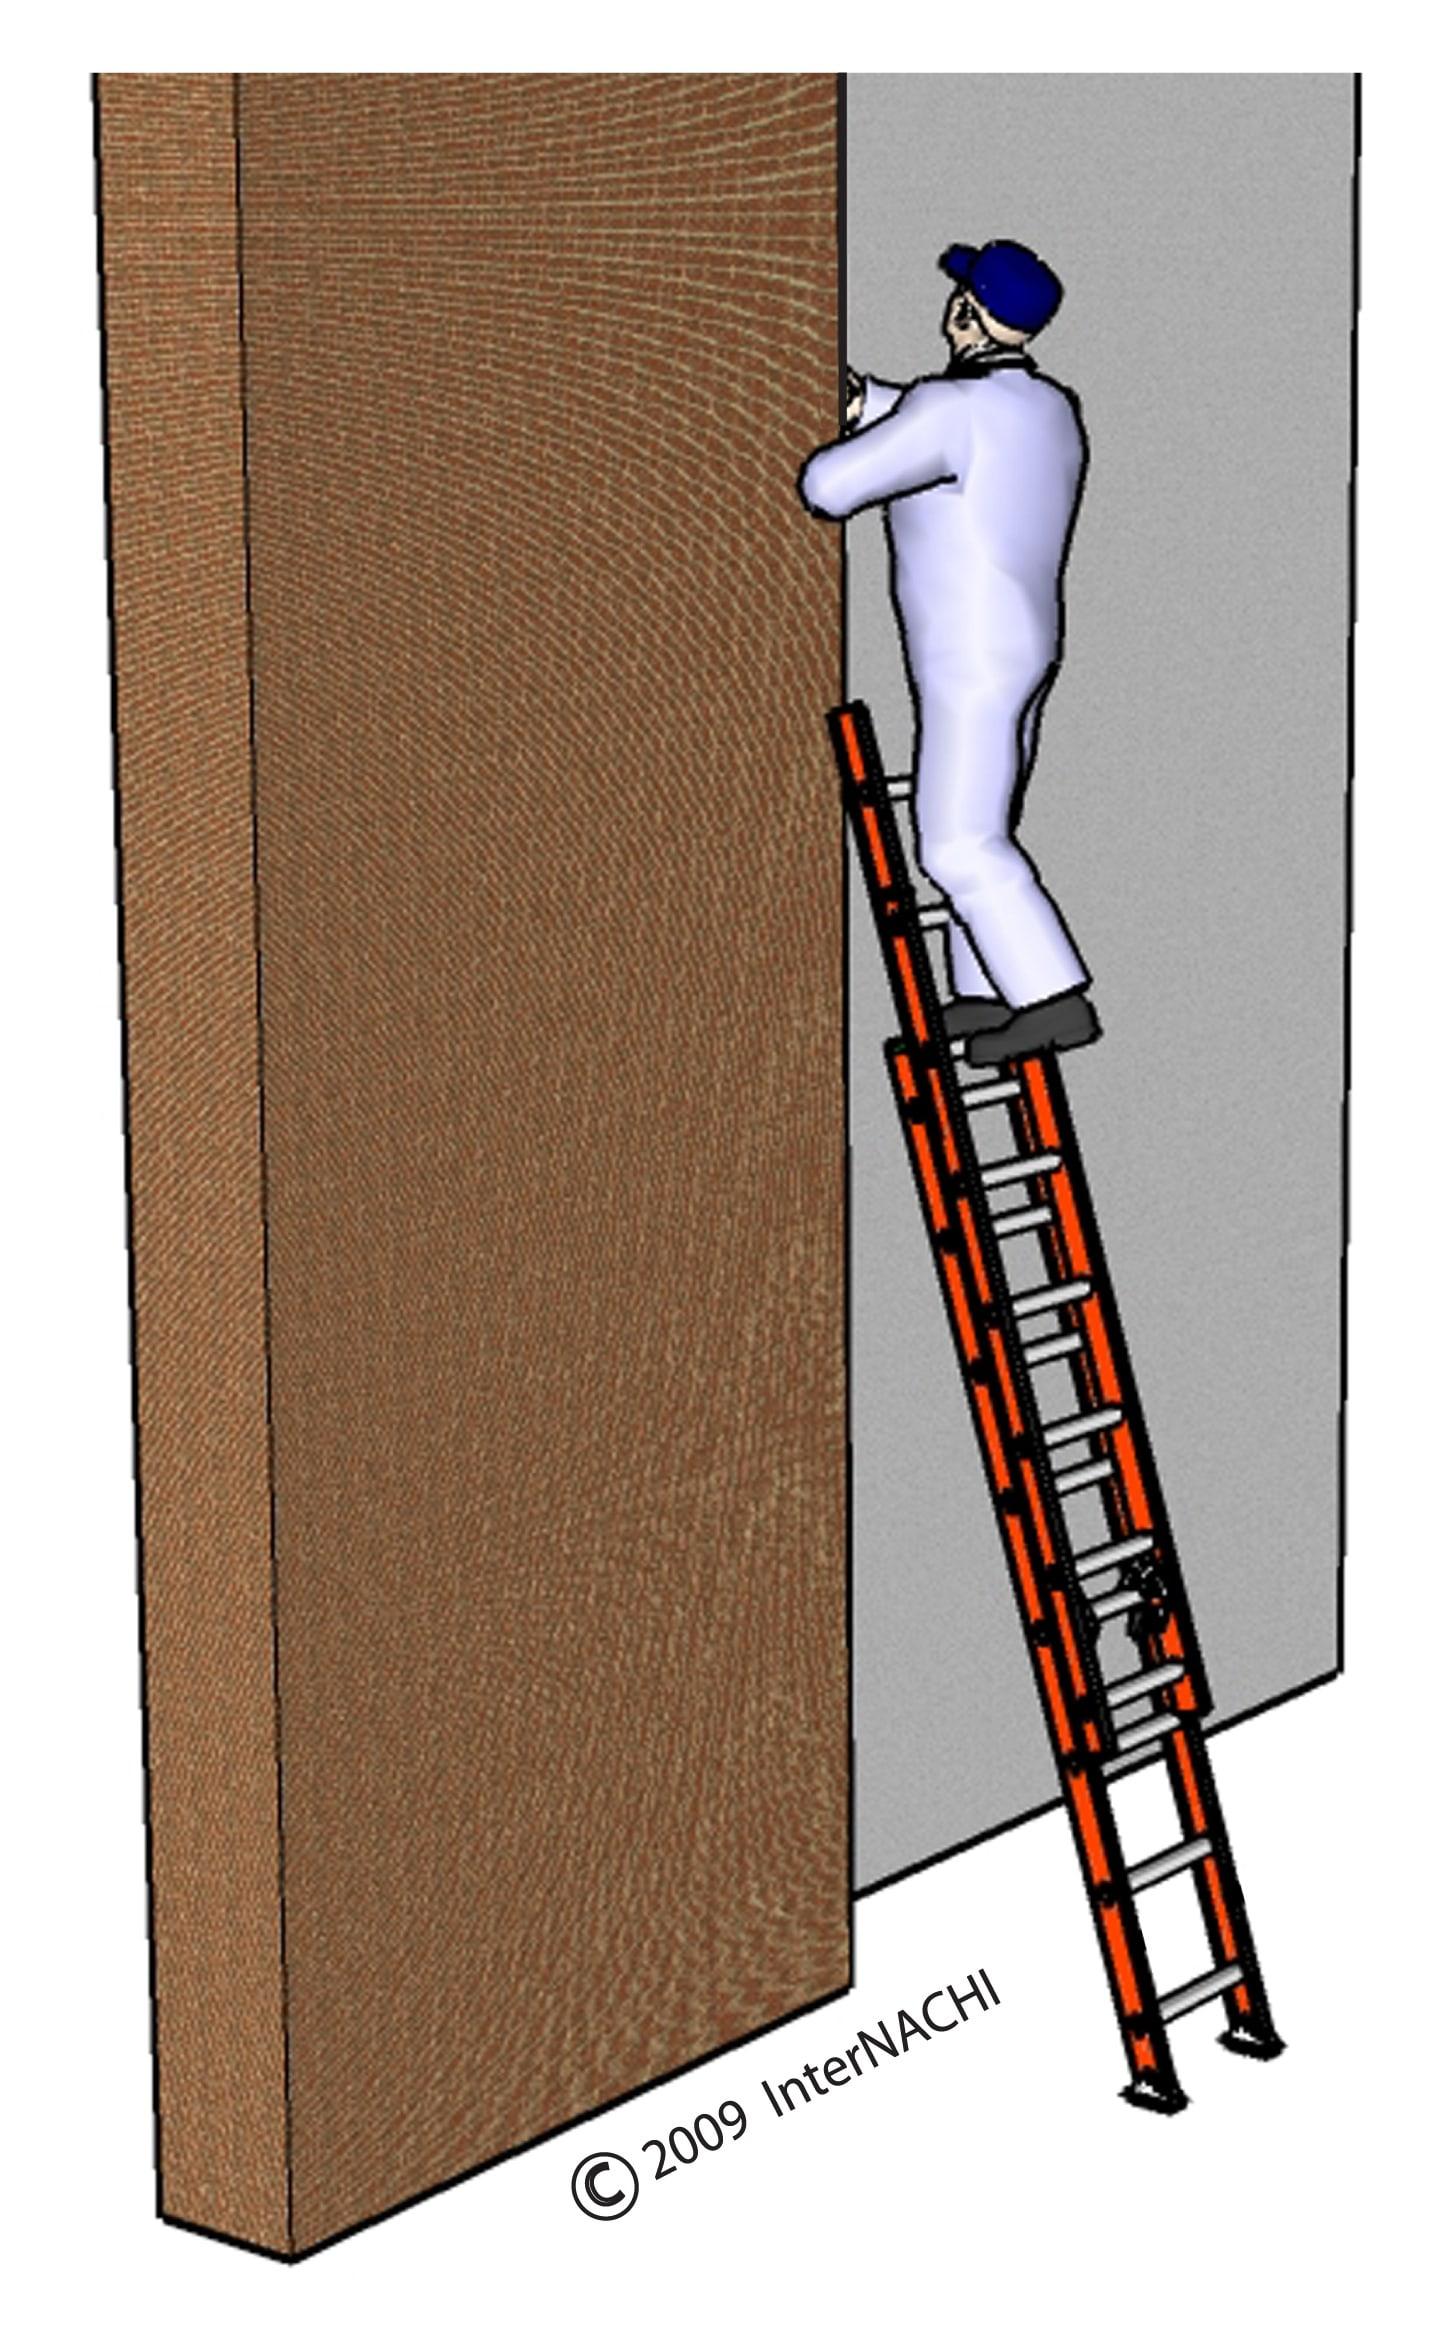 Improper use of a ladder.